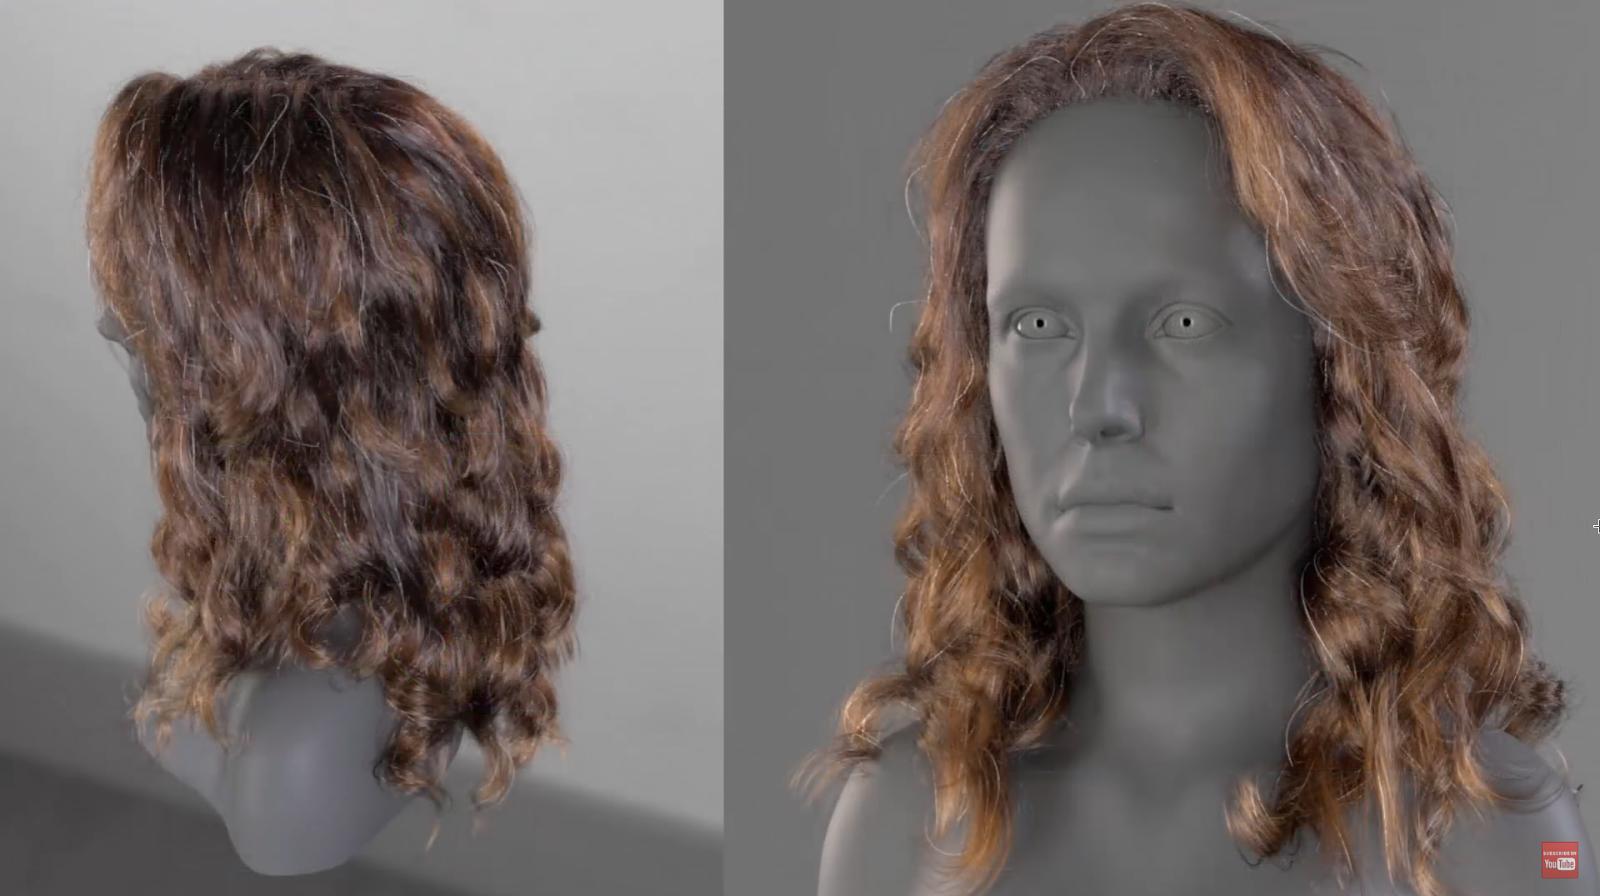 Realistic Hair Shading Using Arnold With Maya 2017 CG TUTORIAL